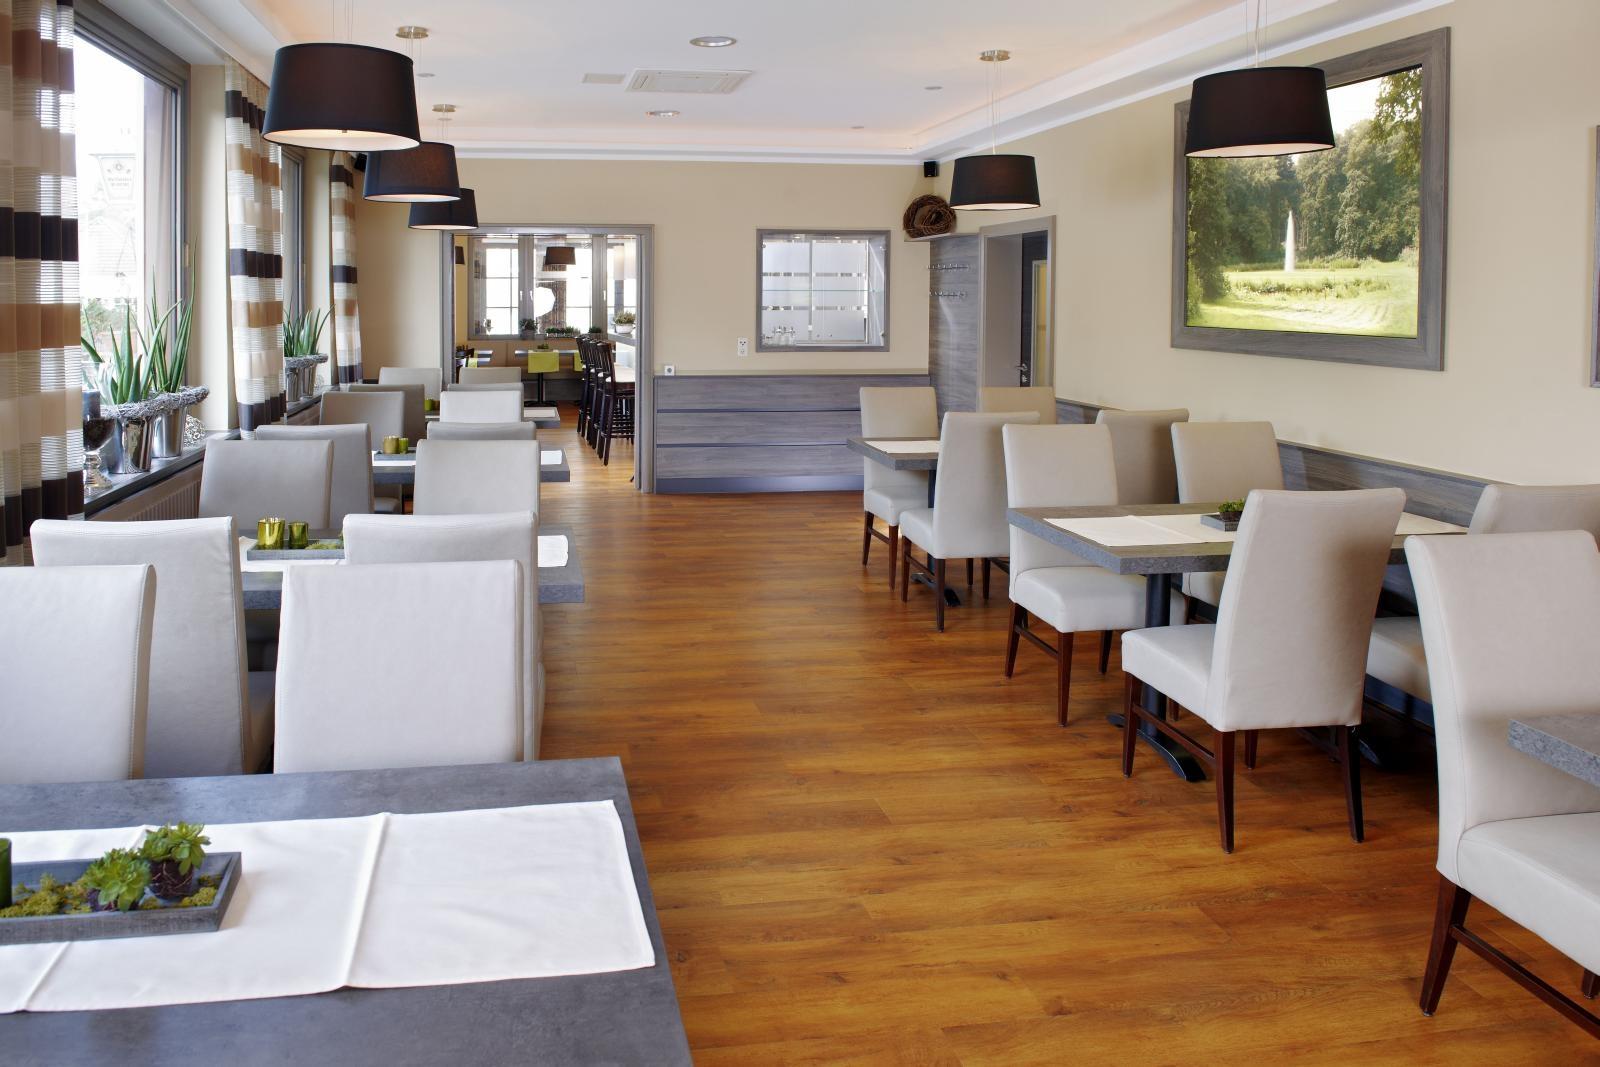 Restaurant im Hörster Krug